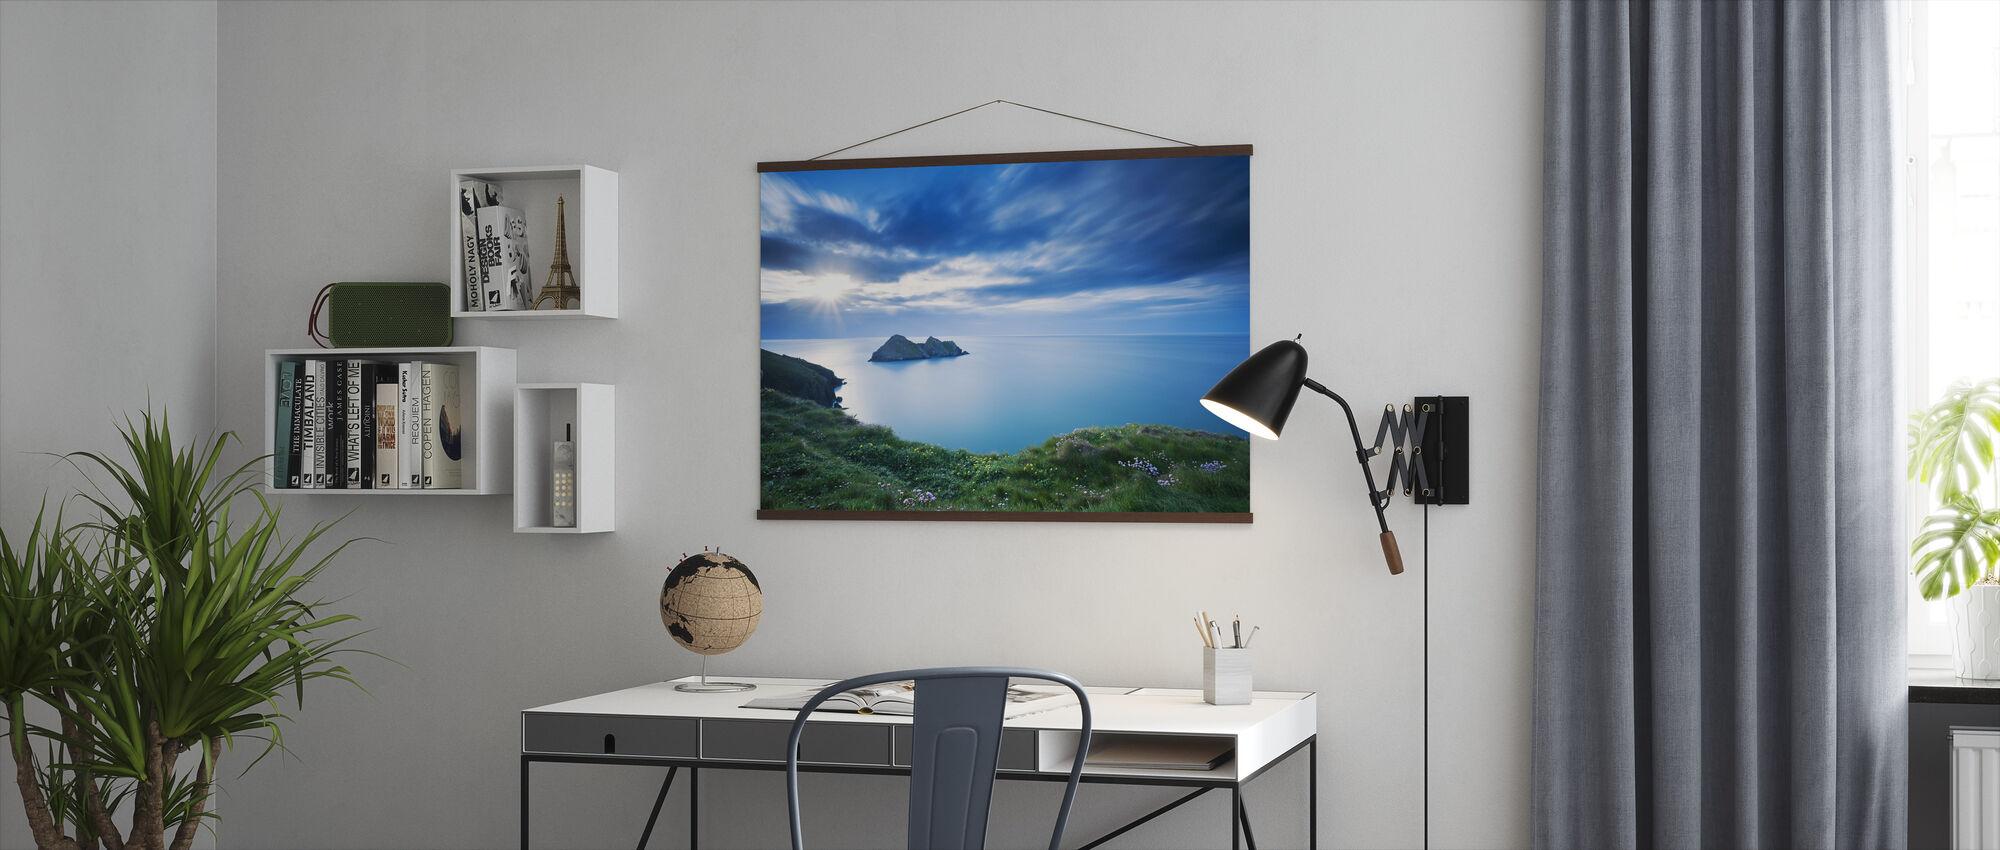 Symfonie in Blauw - Poster - Kantoor